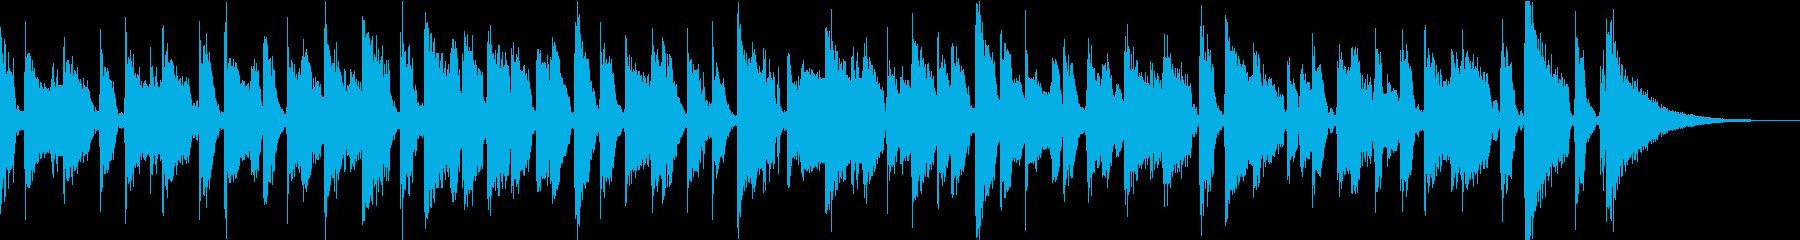 のんびり出来るカフェでのボサノヴァギターの再生済みの波形